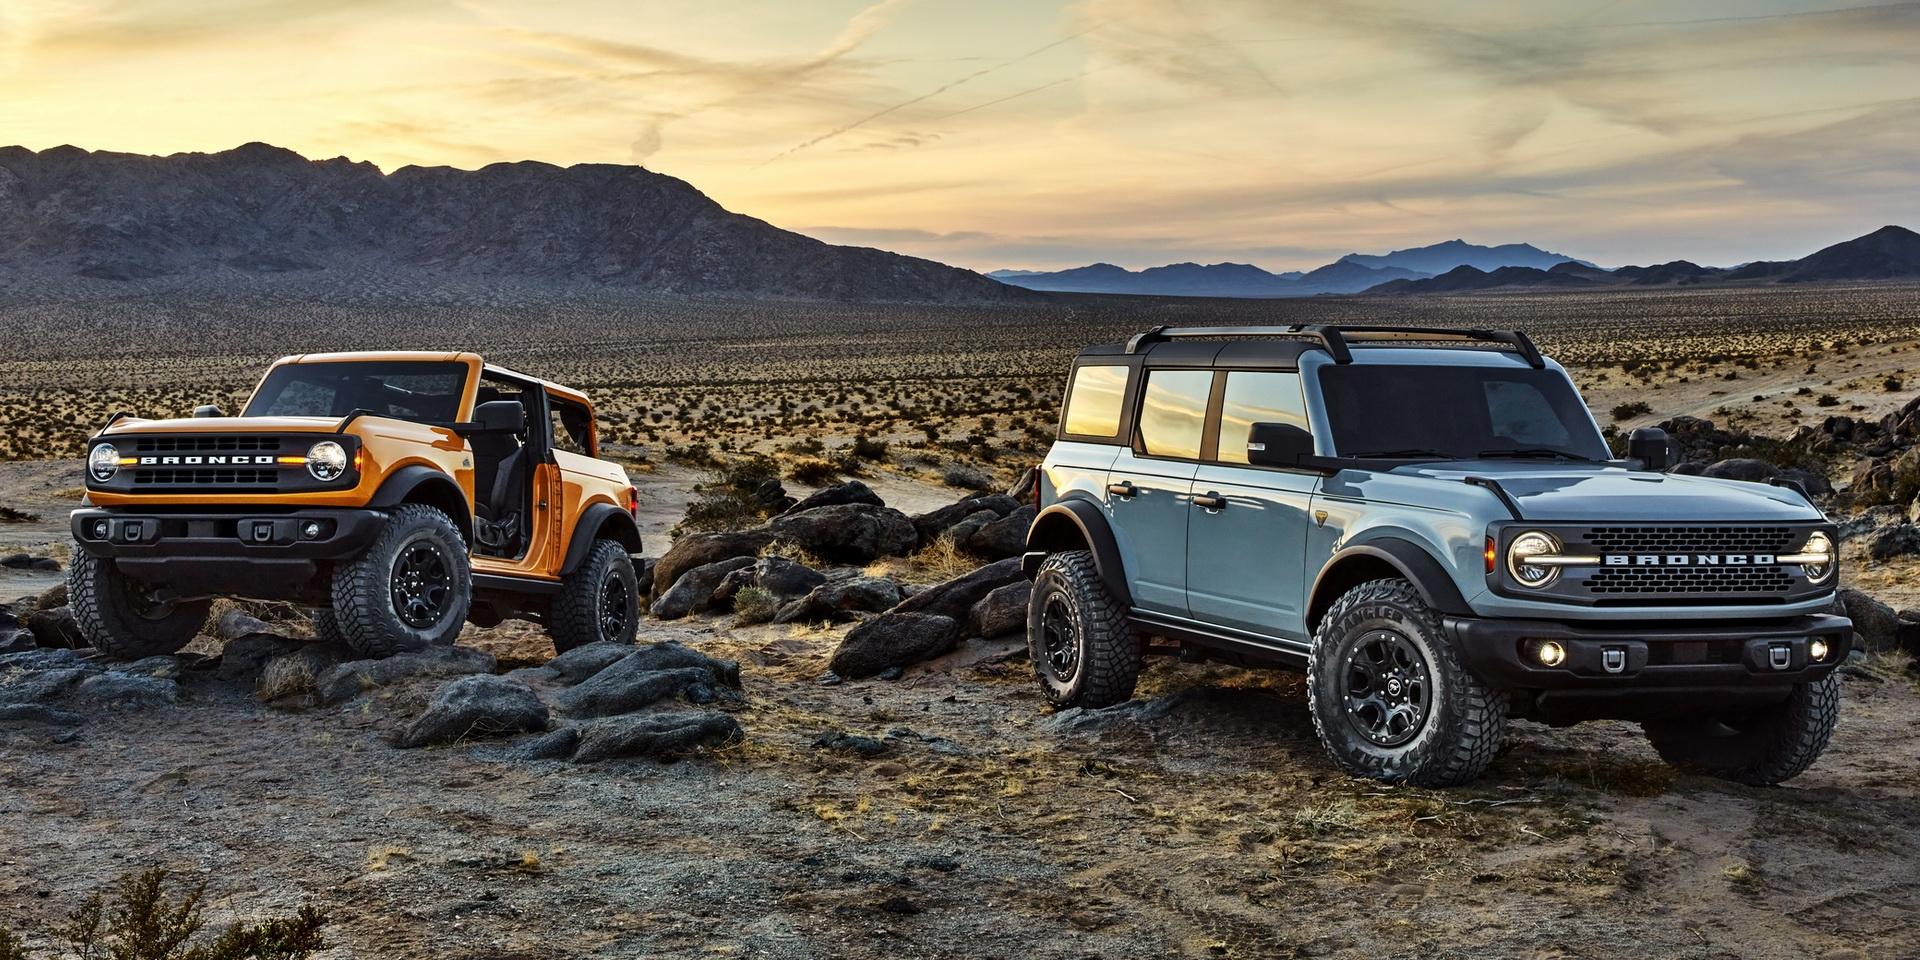 硬派越野車另一巨作,Ford Bronco售價約台幣88萬元起